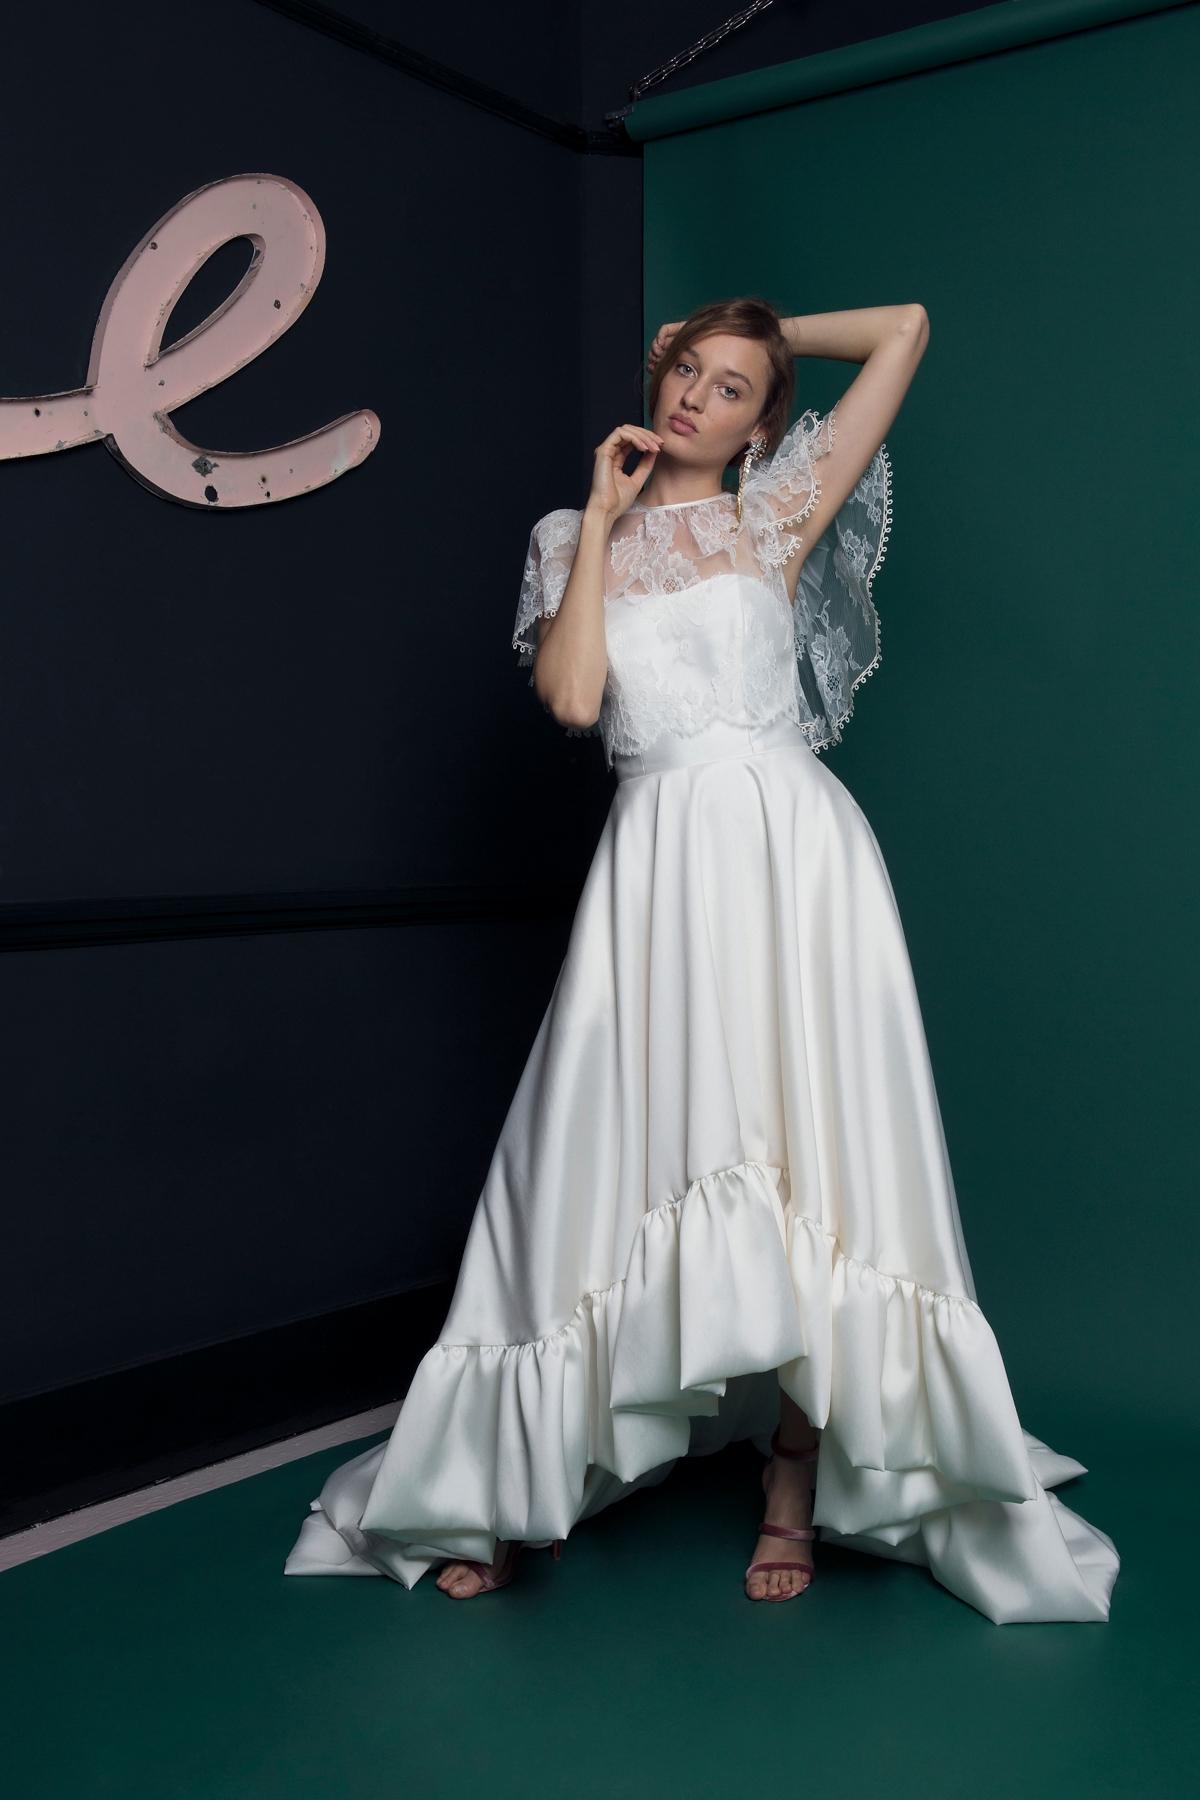 Meghan Markles Wedding Dress What Will She Wear Love